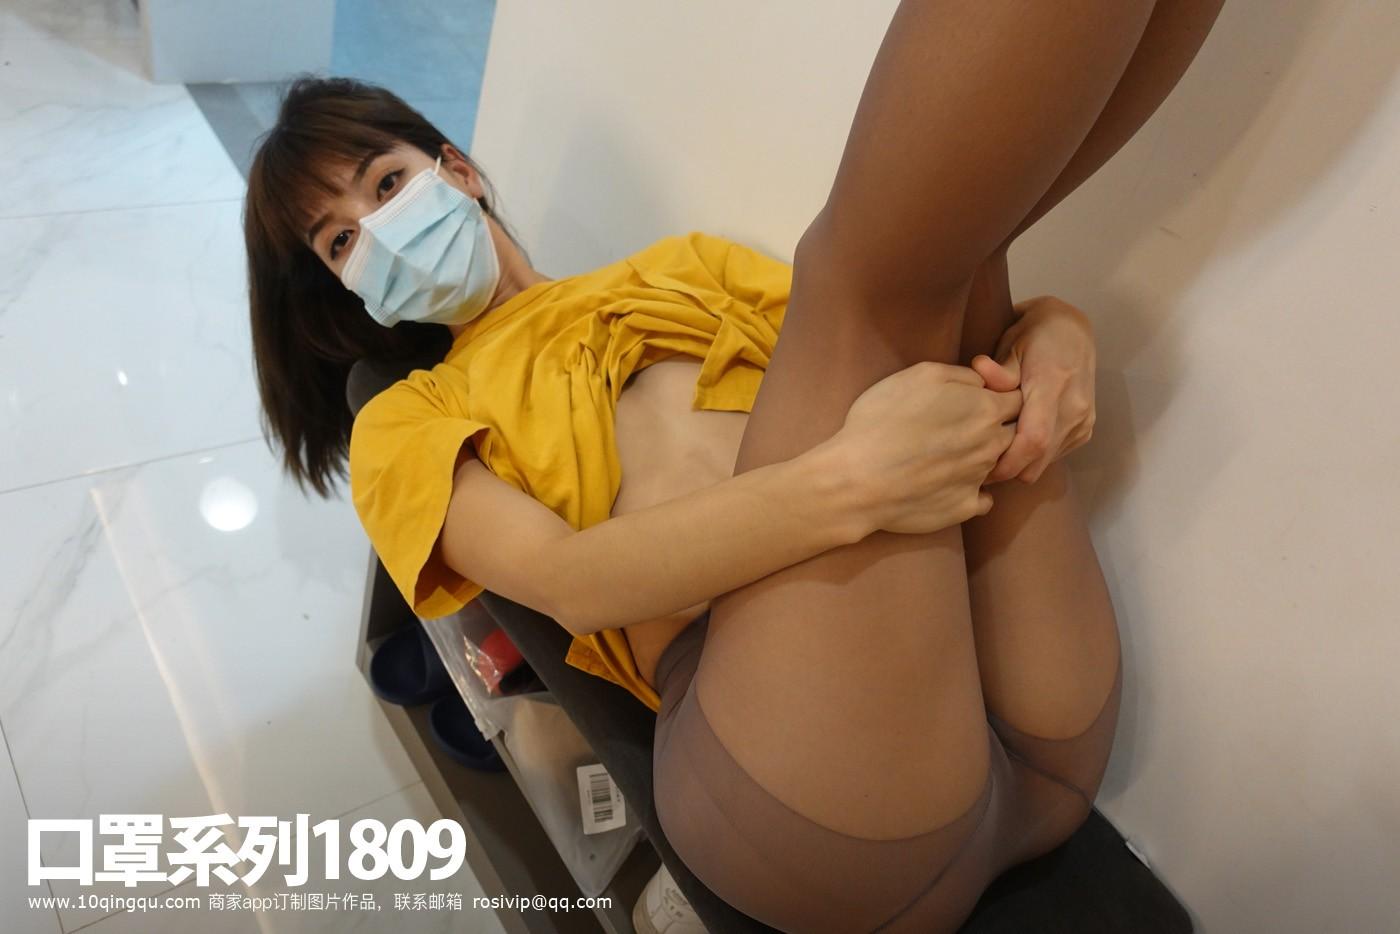 口罩系列1809套装 衣服+丝袜